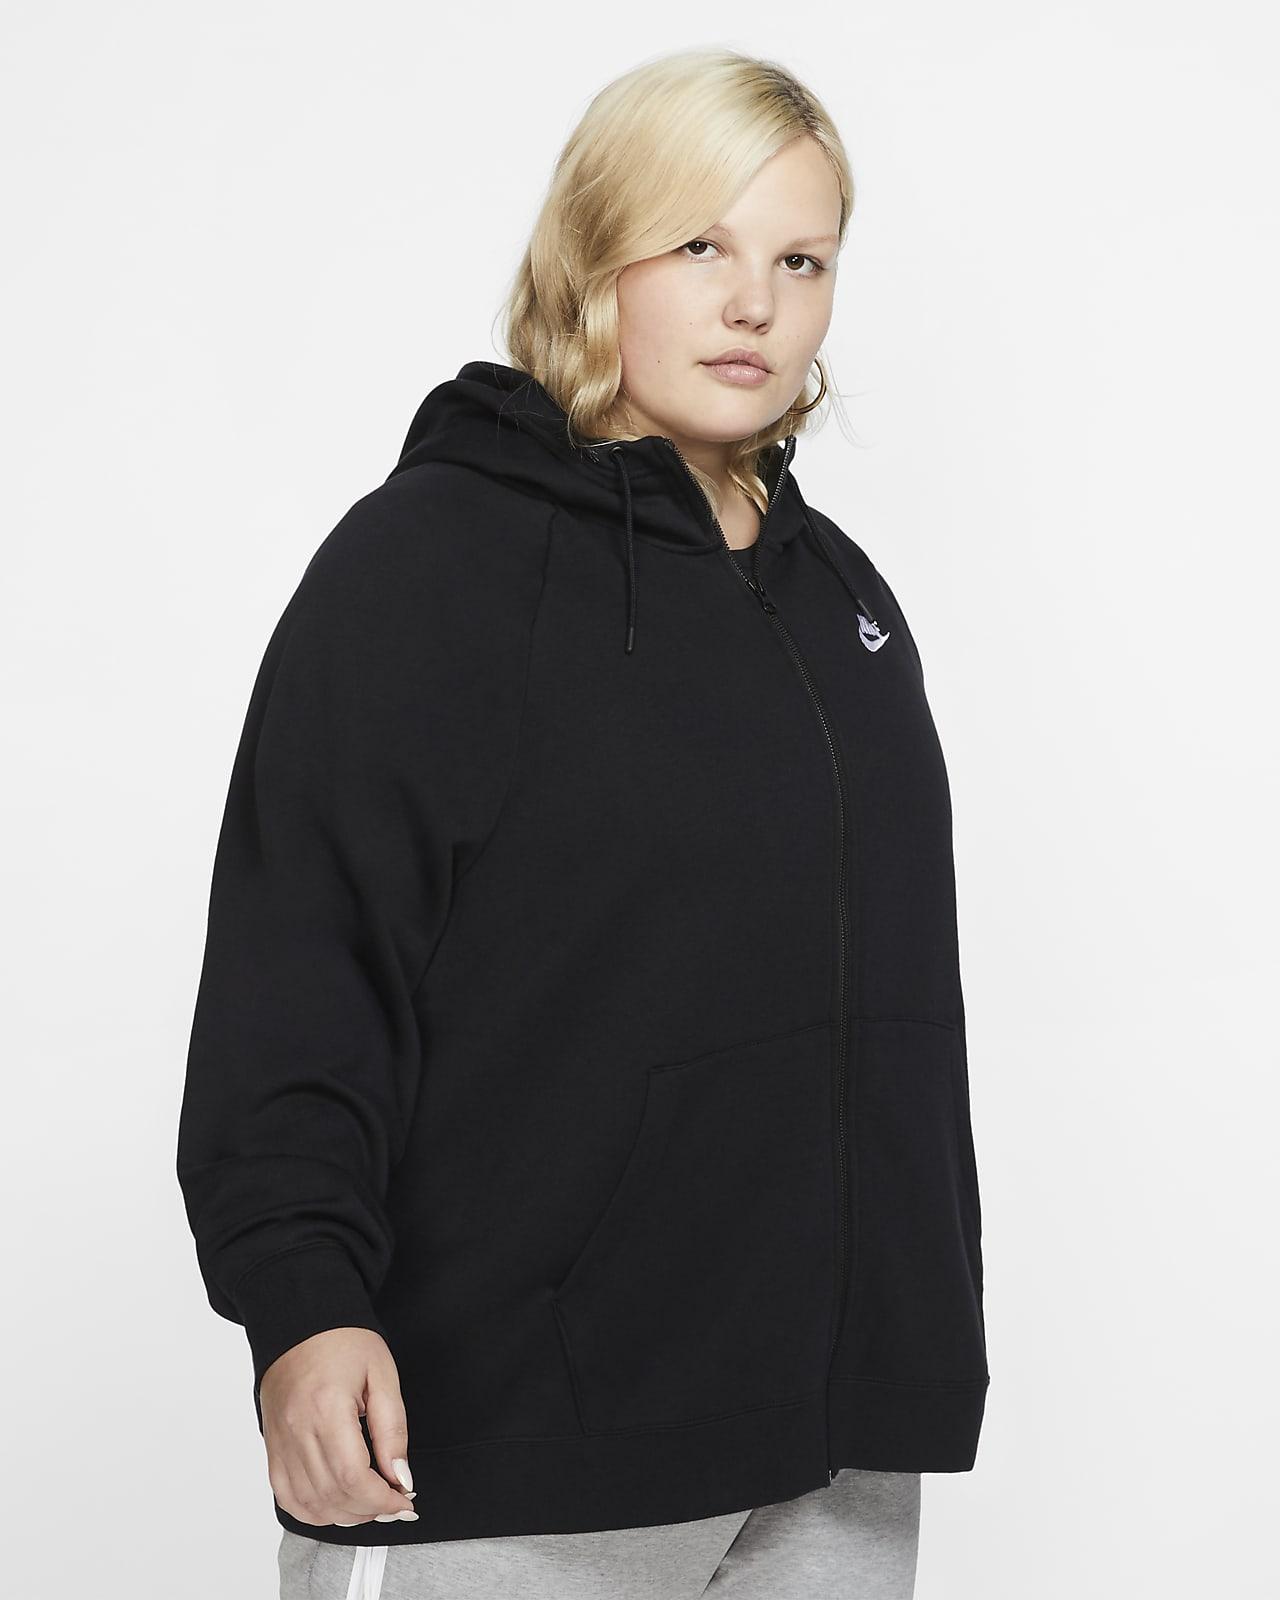 Huvtröja med hel dragkedja Nike Sportswear Essential (stora storlekar) för kvinnor